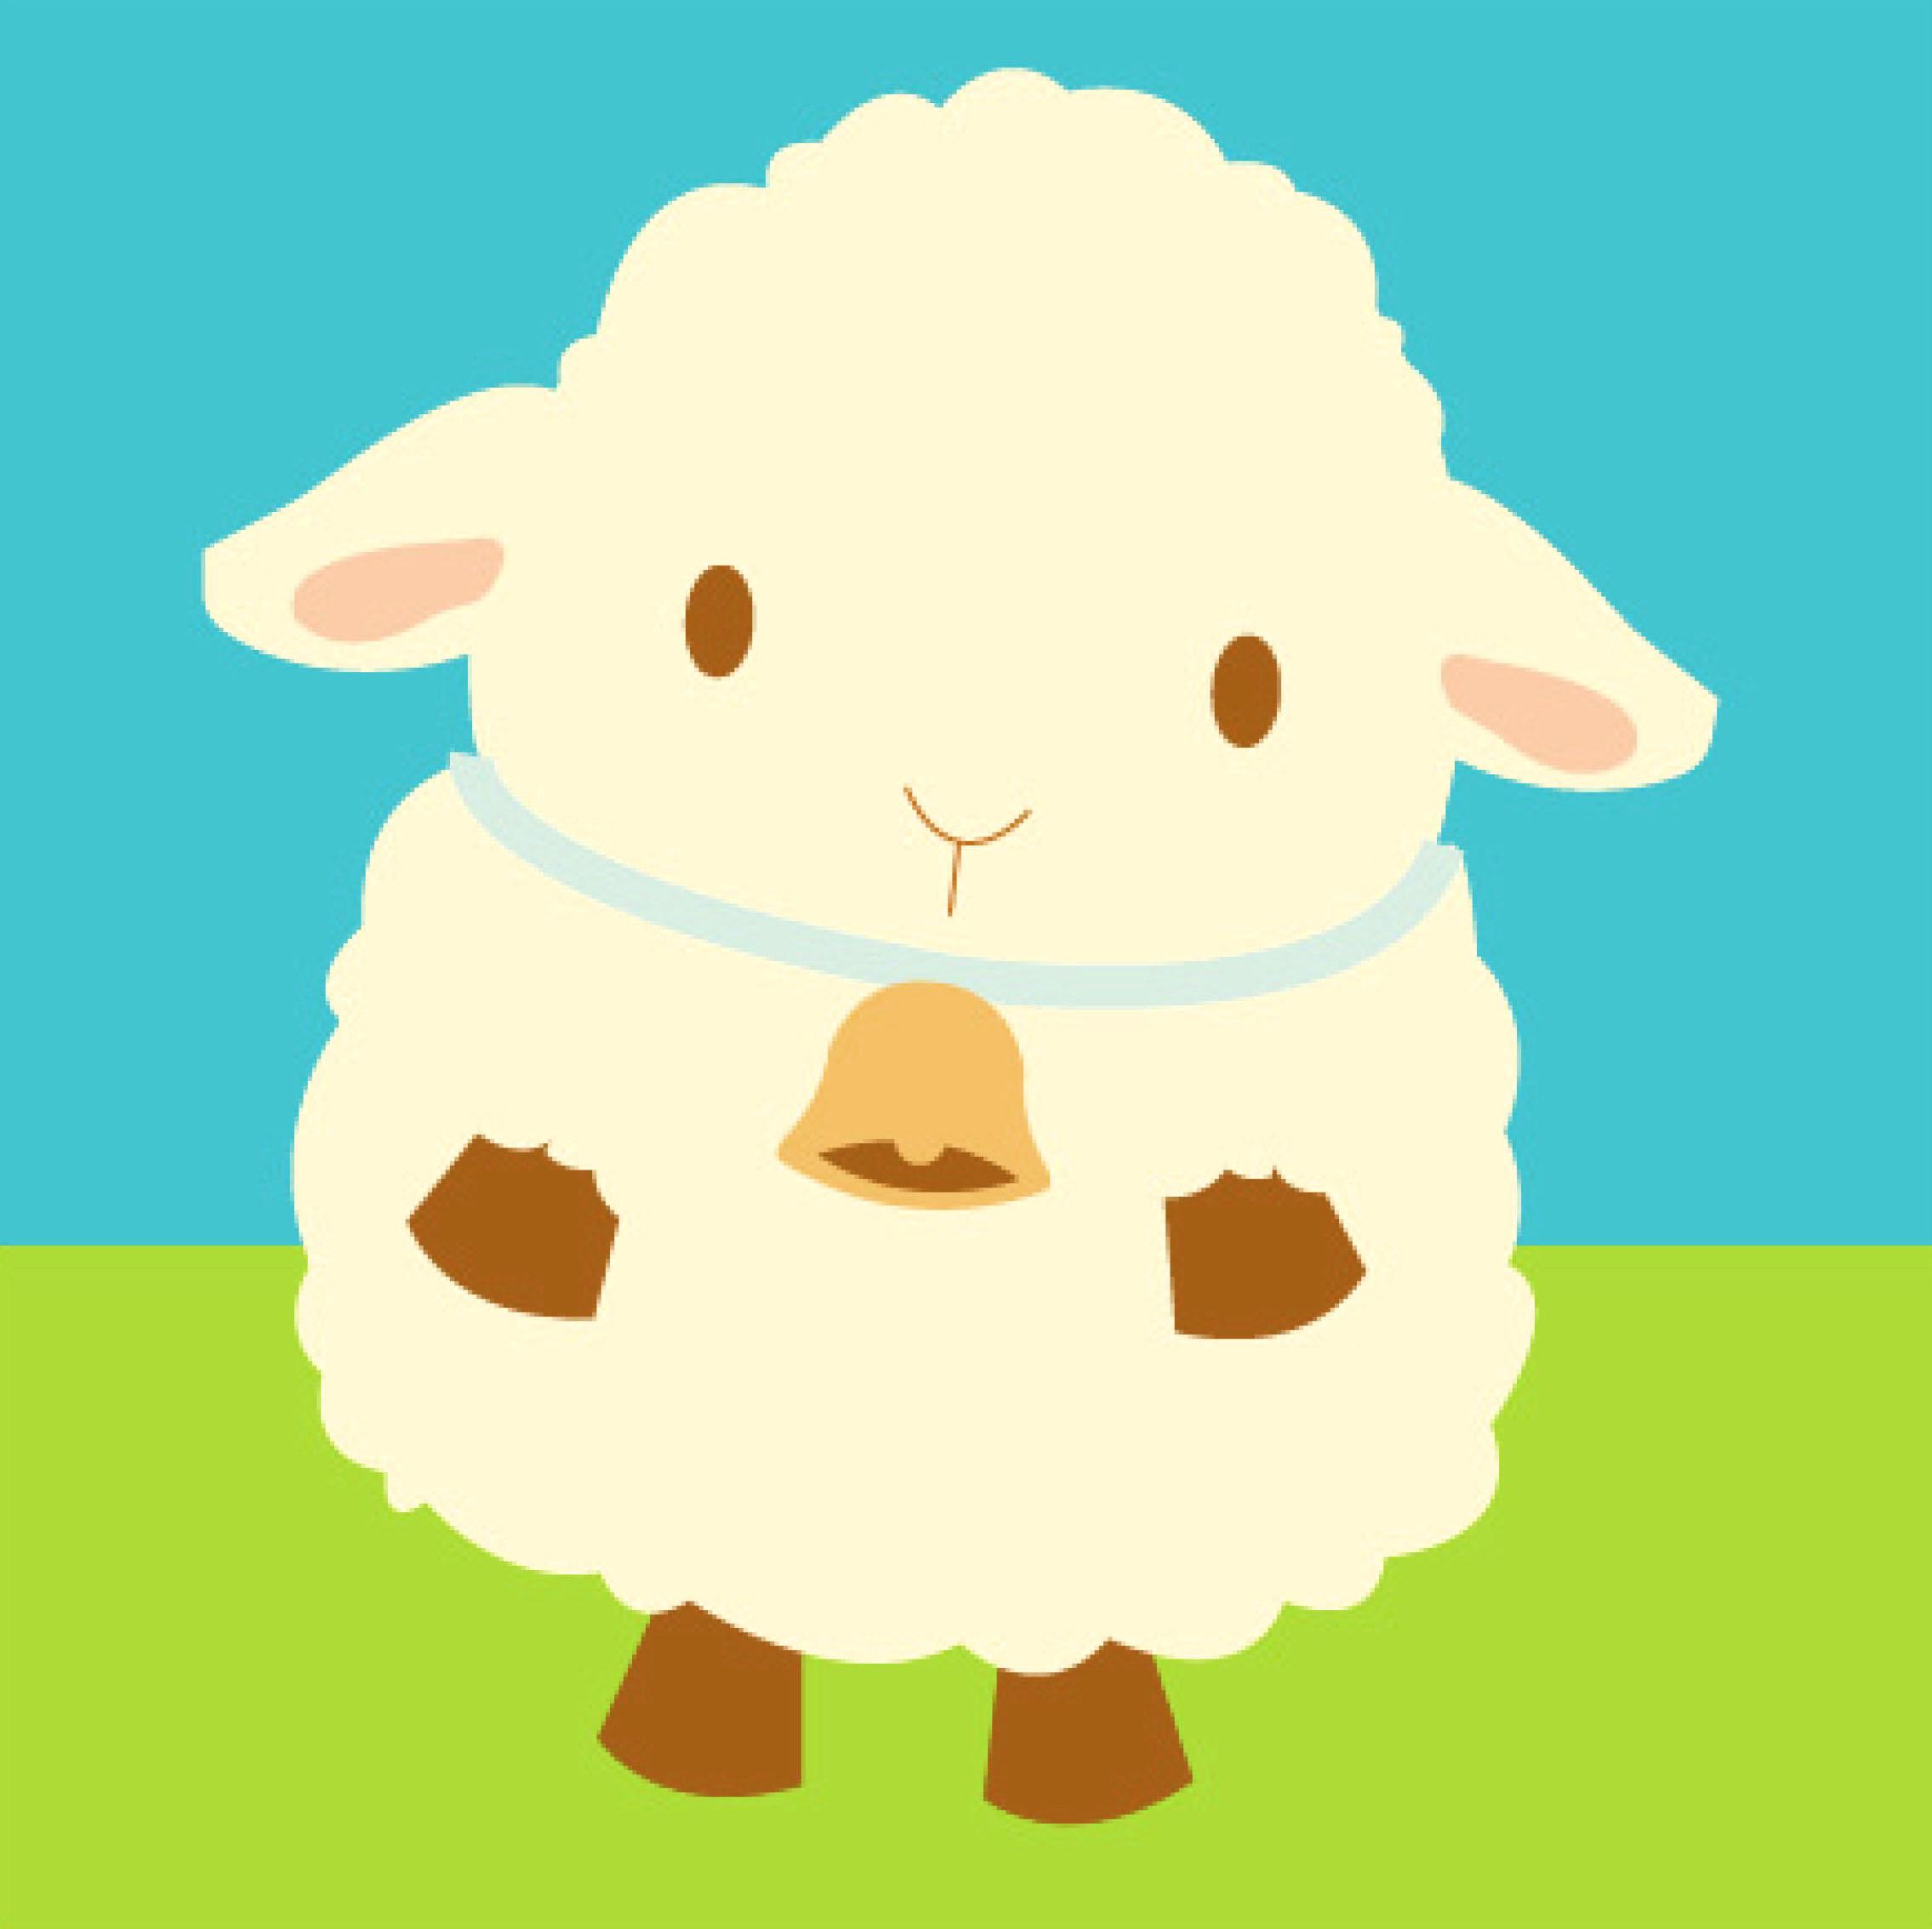 Lamb clipart #5, Download drawings